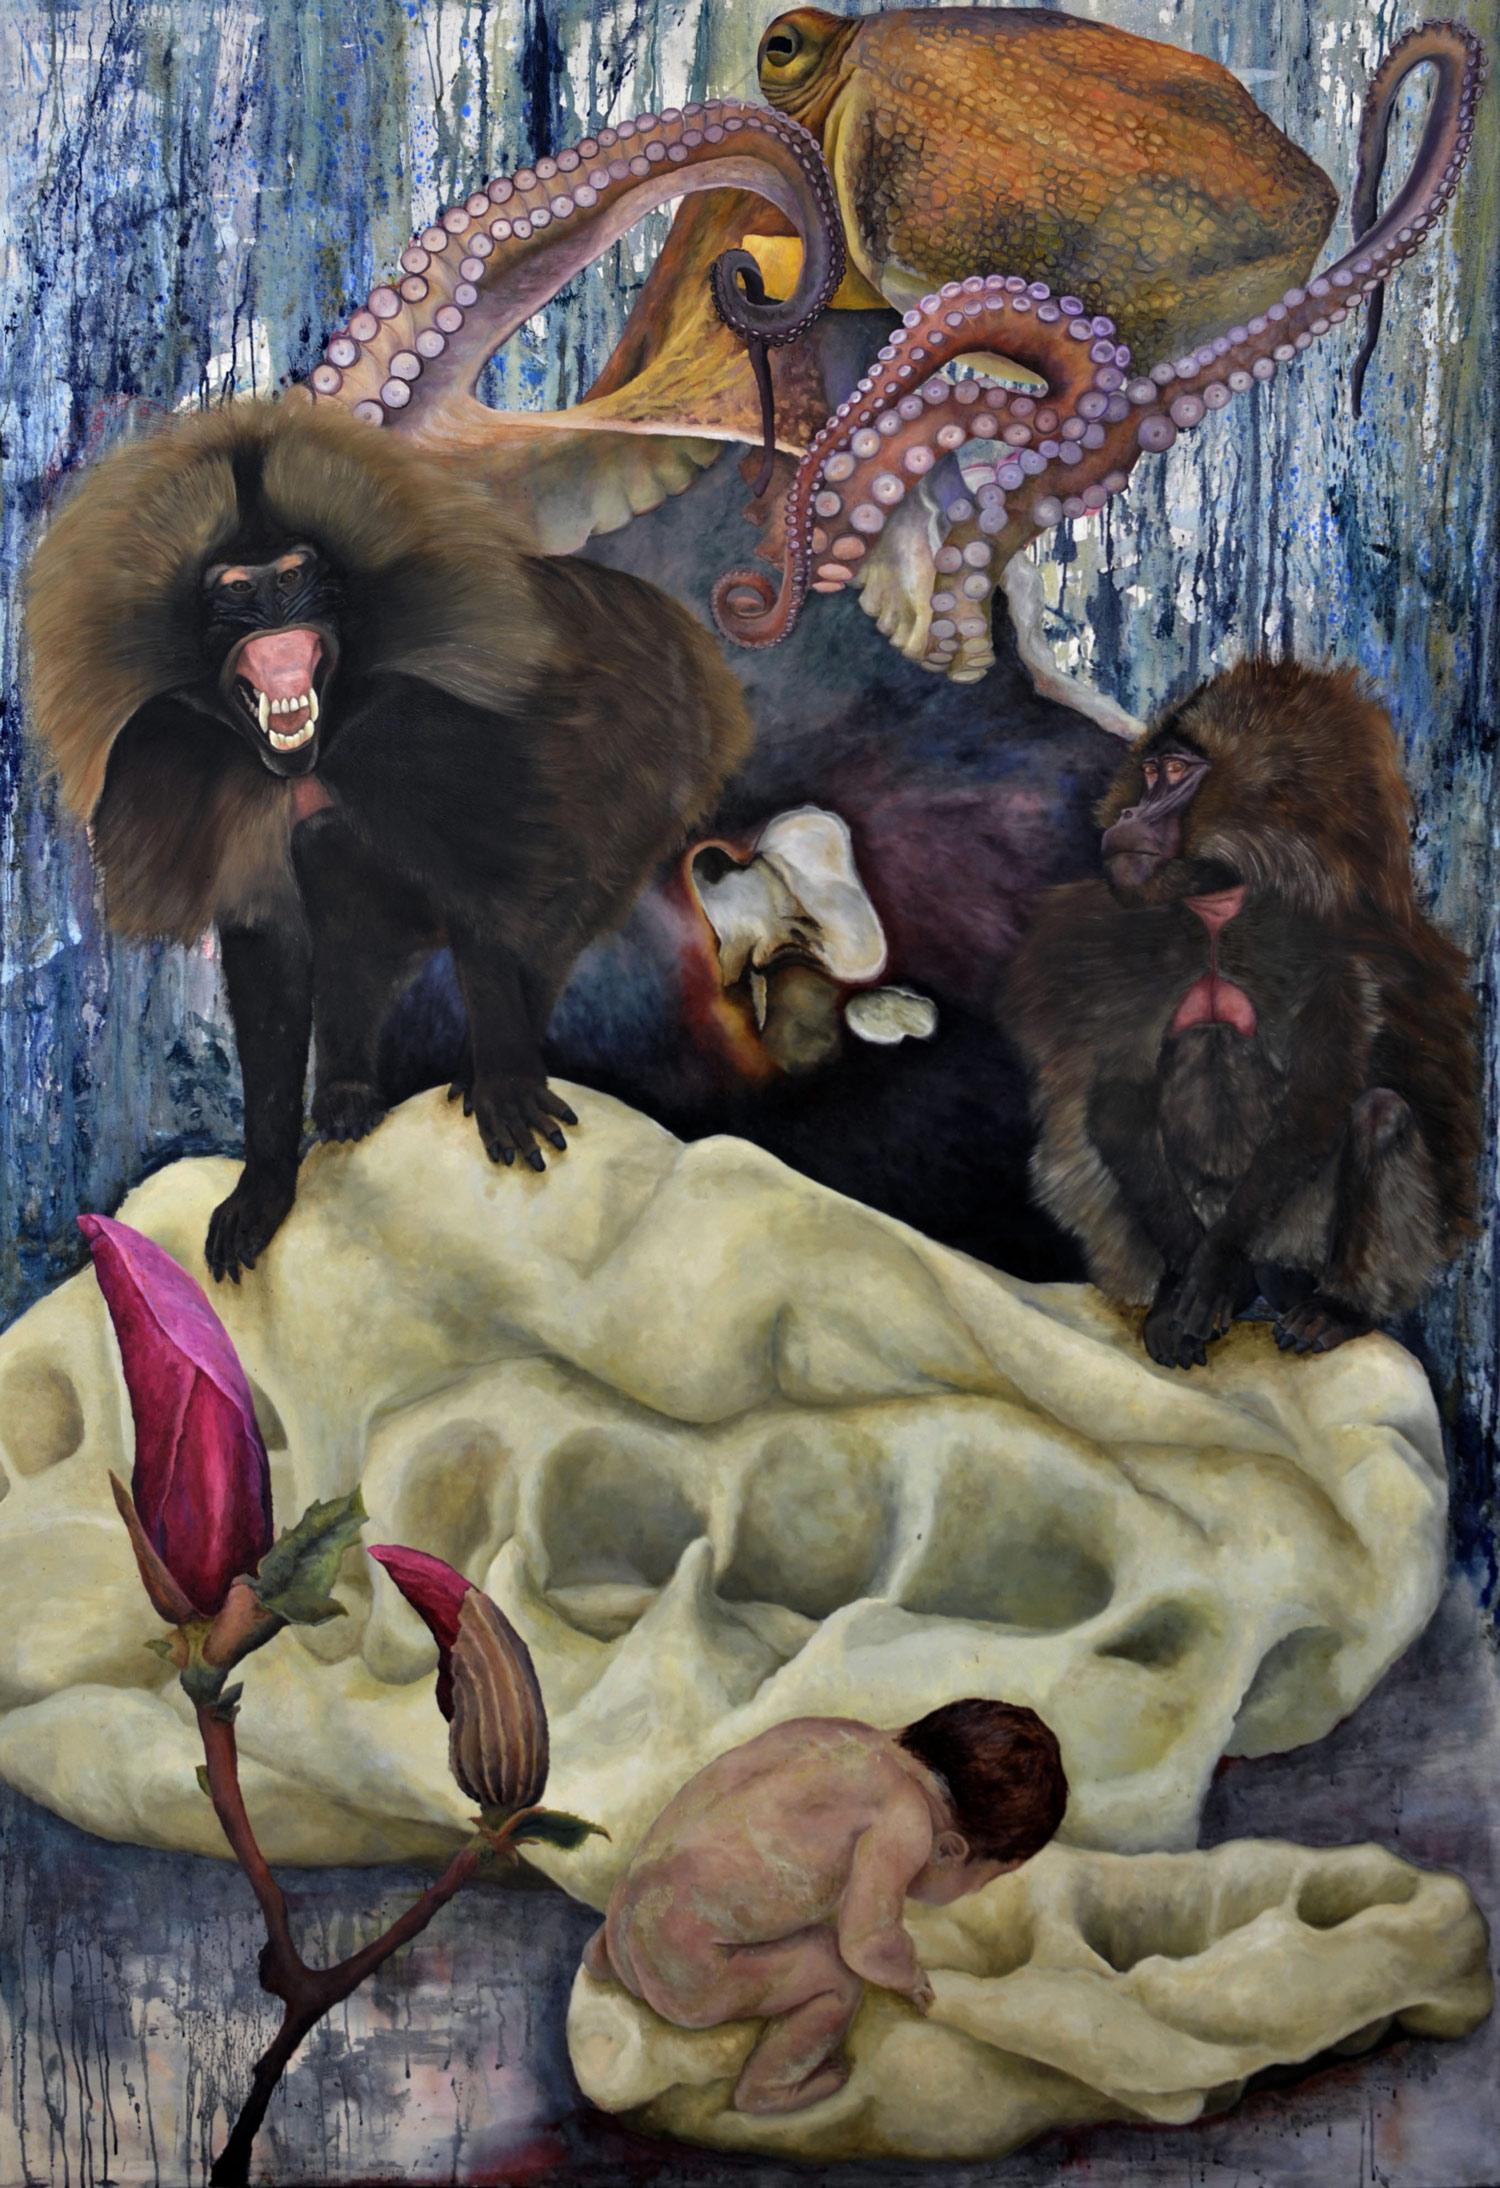 Laura Link . ohne Titel . 2015 . Öl, Tusche auf Leinwand . 260 x 180